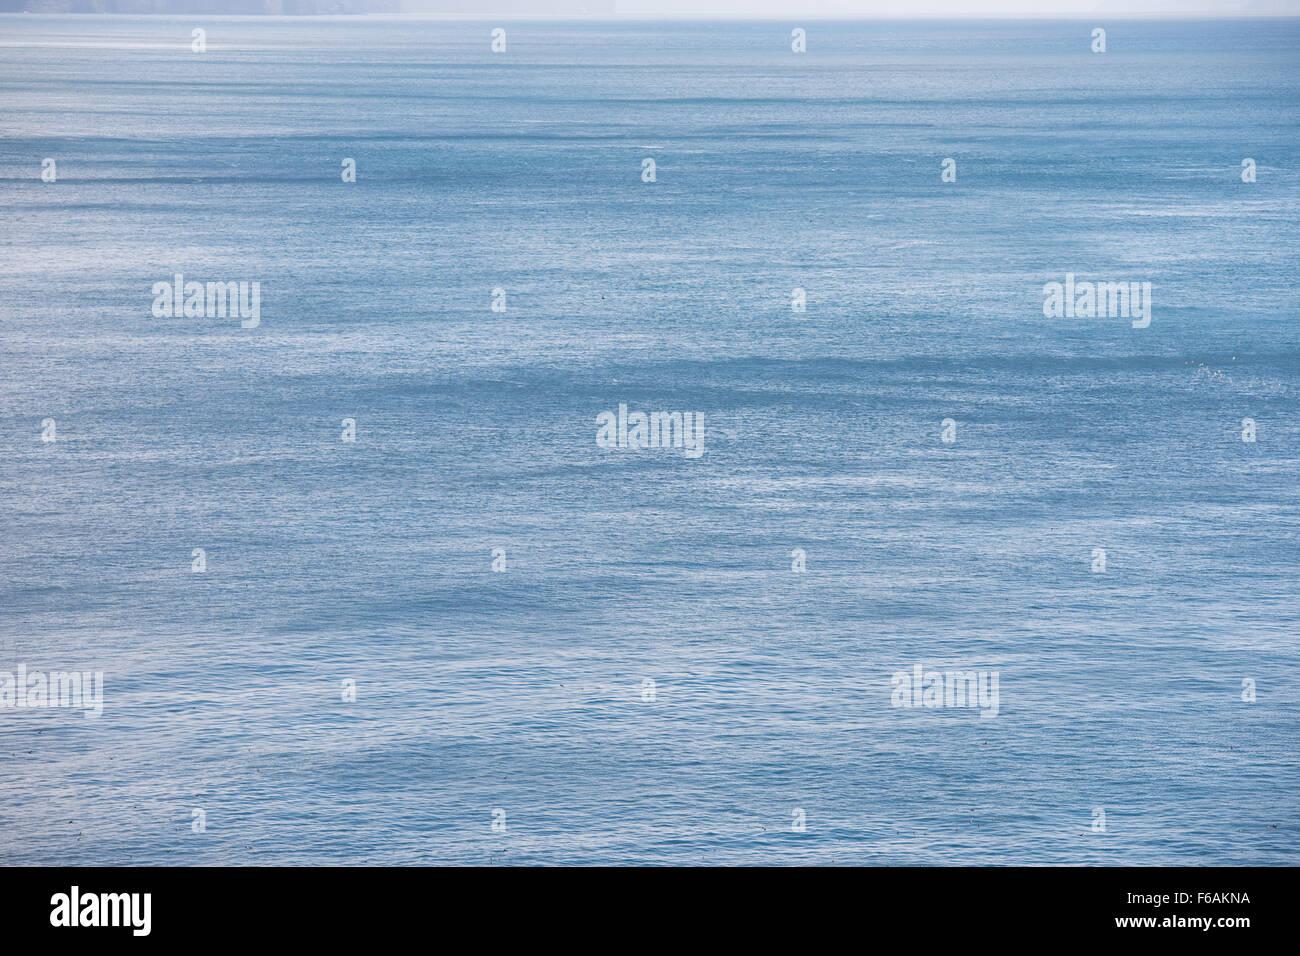 Océano azul de fondo azul profundo del paisaje con el agua y el viento Imagen De Stock